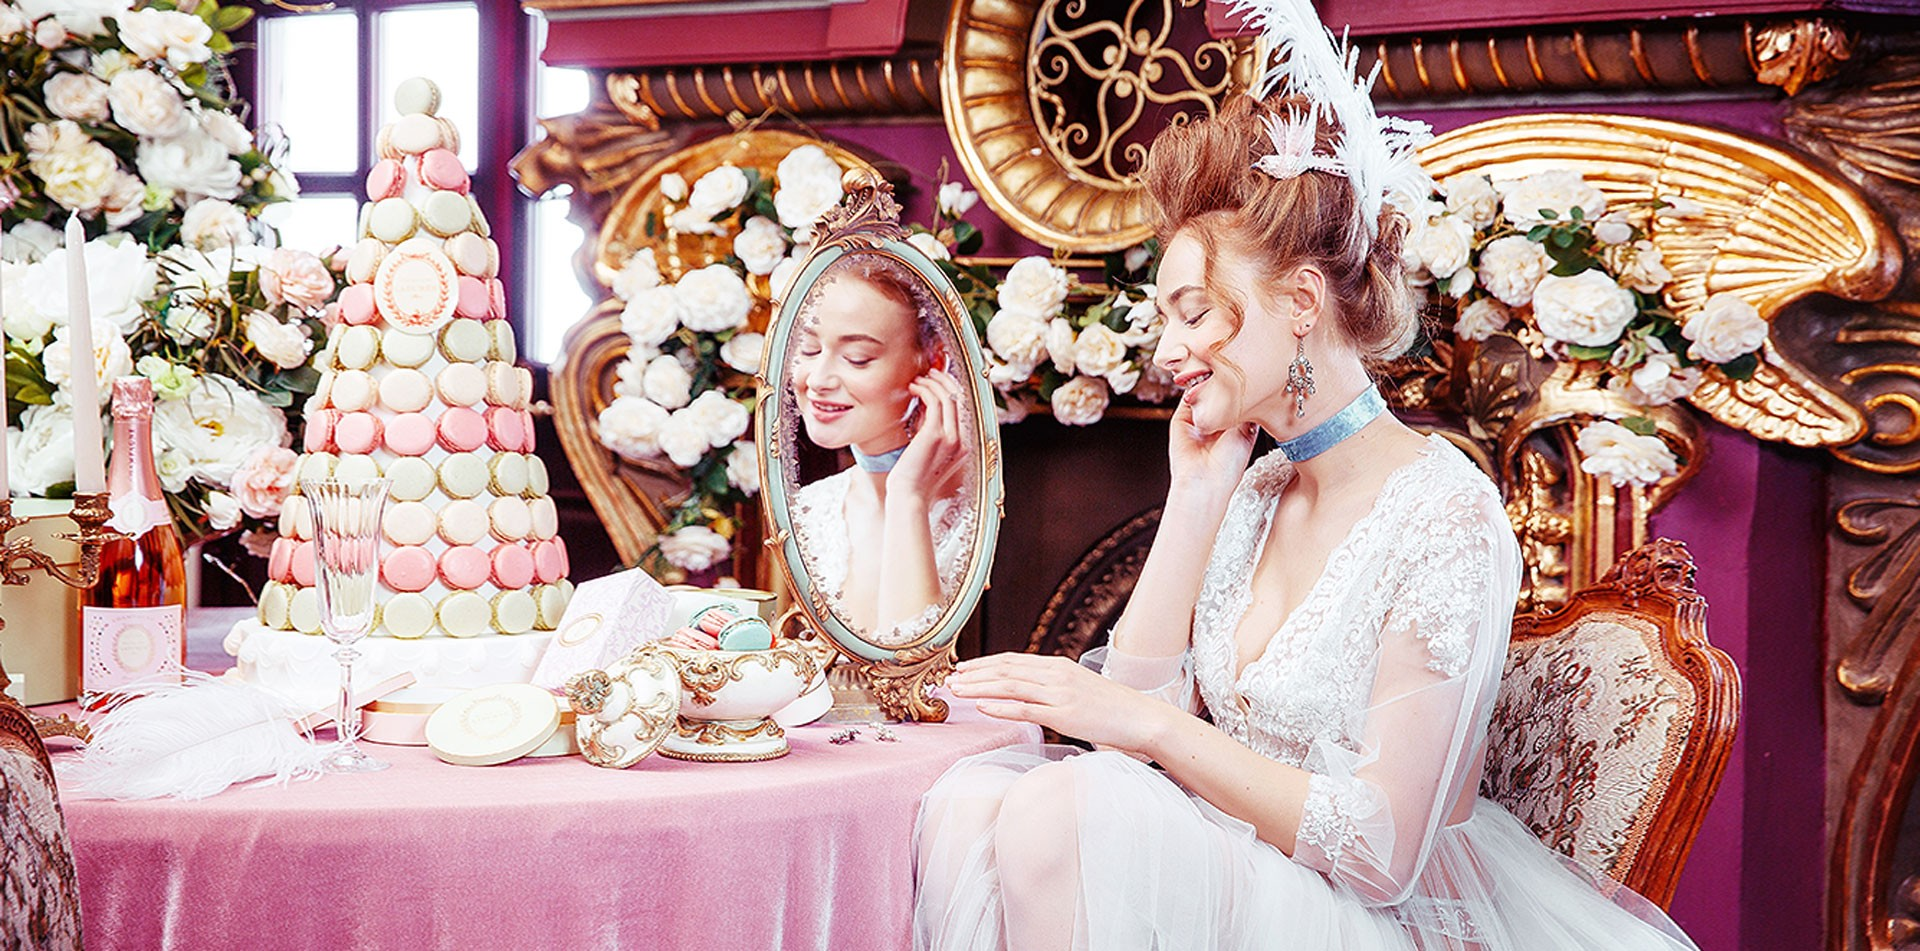 Мария-Антуанетта образ невесты фото 2